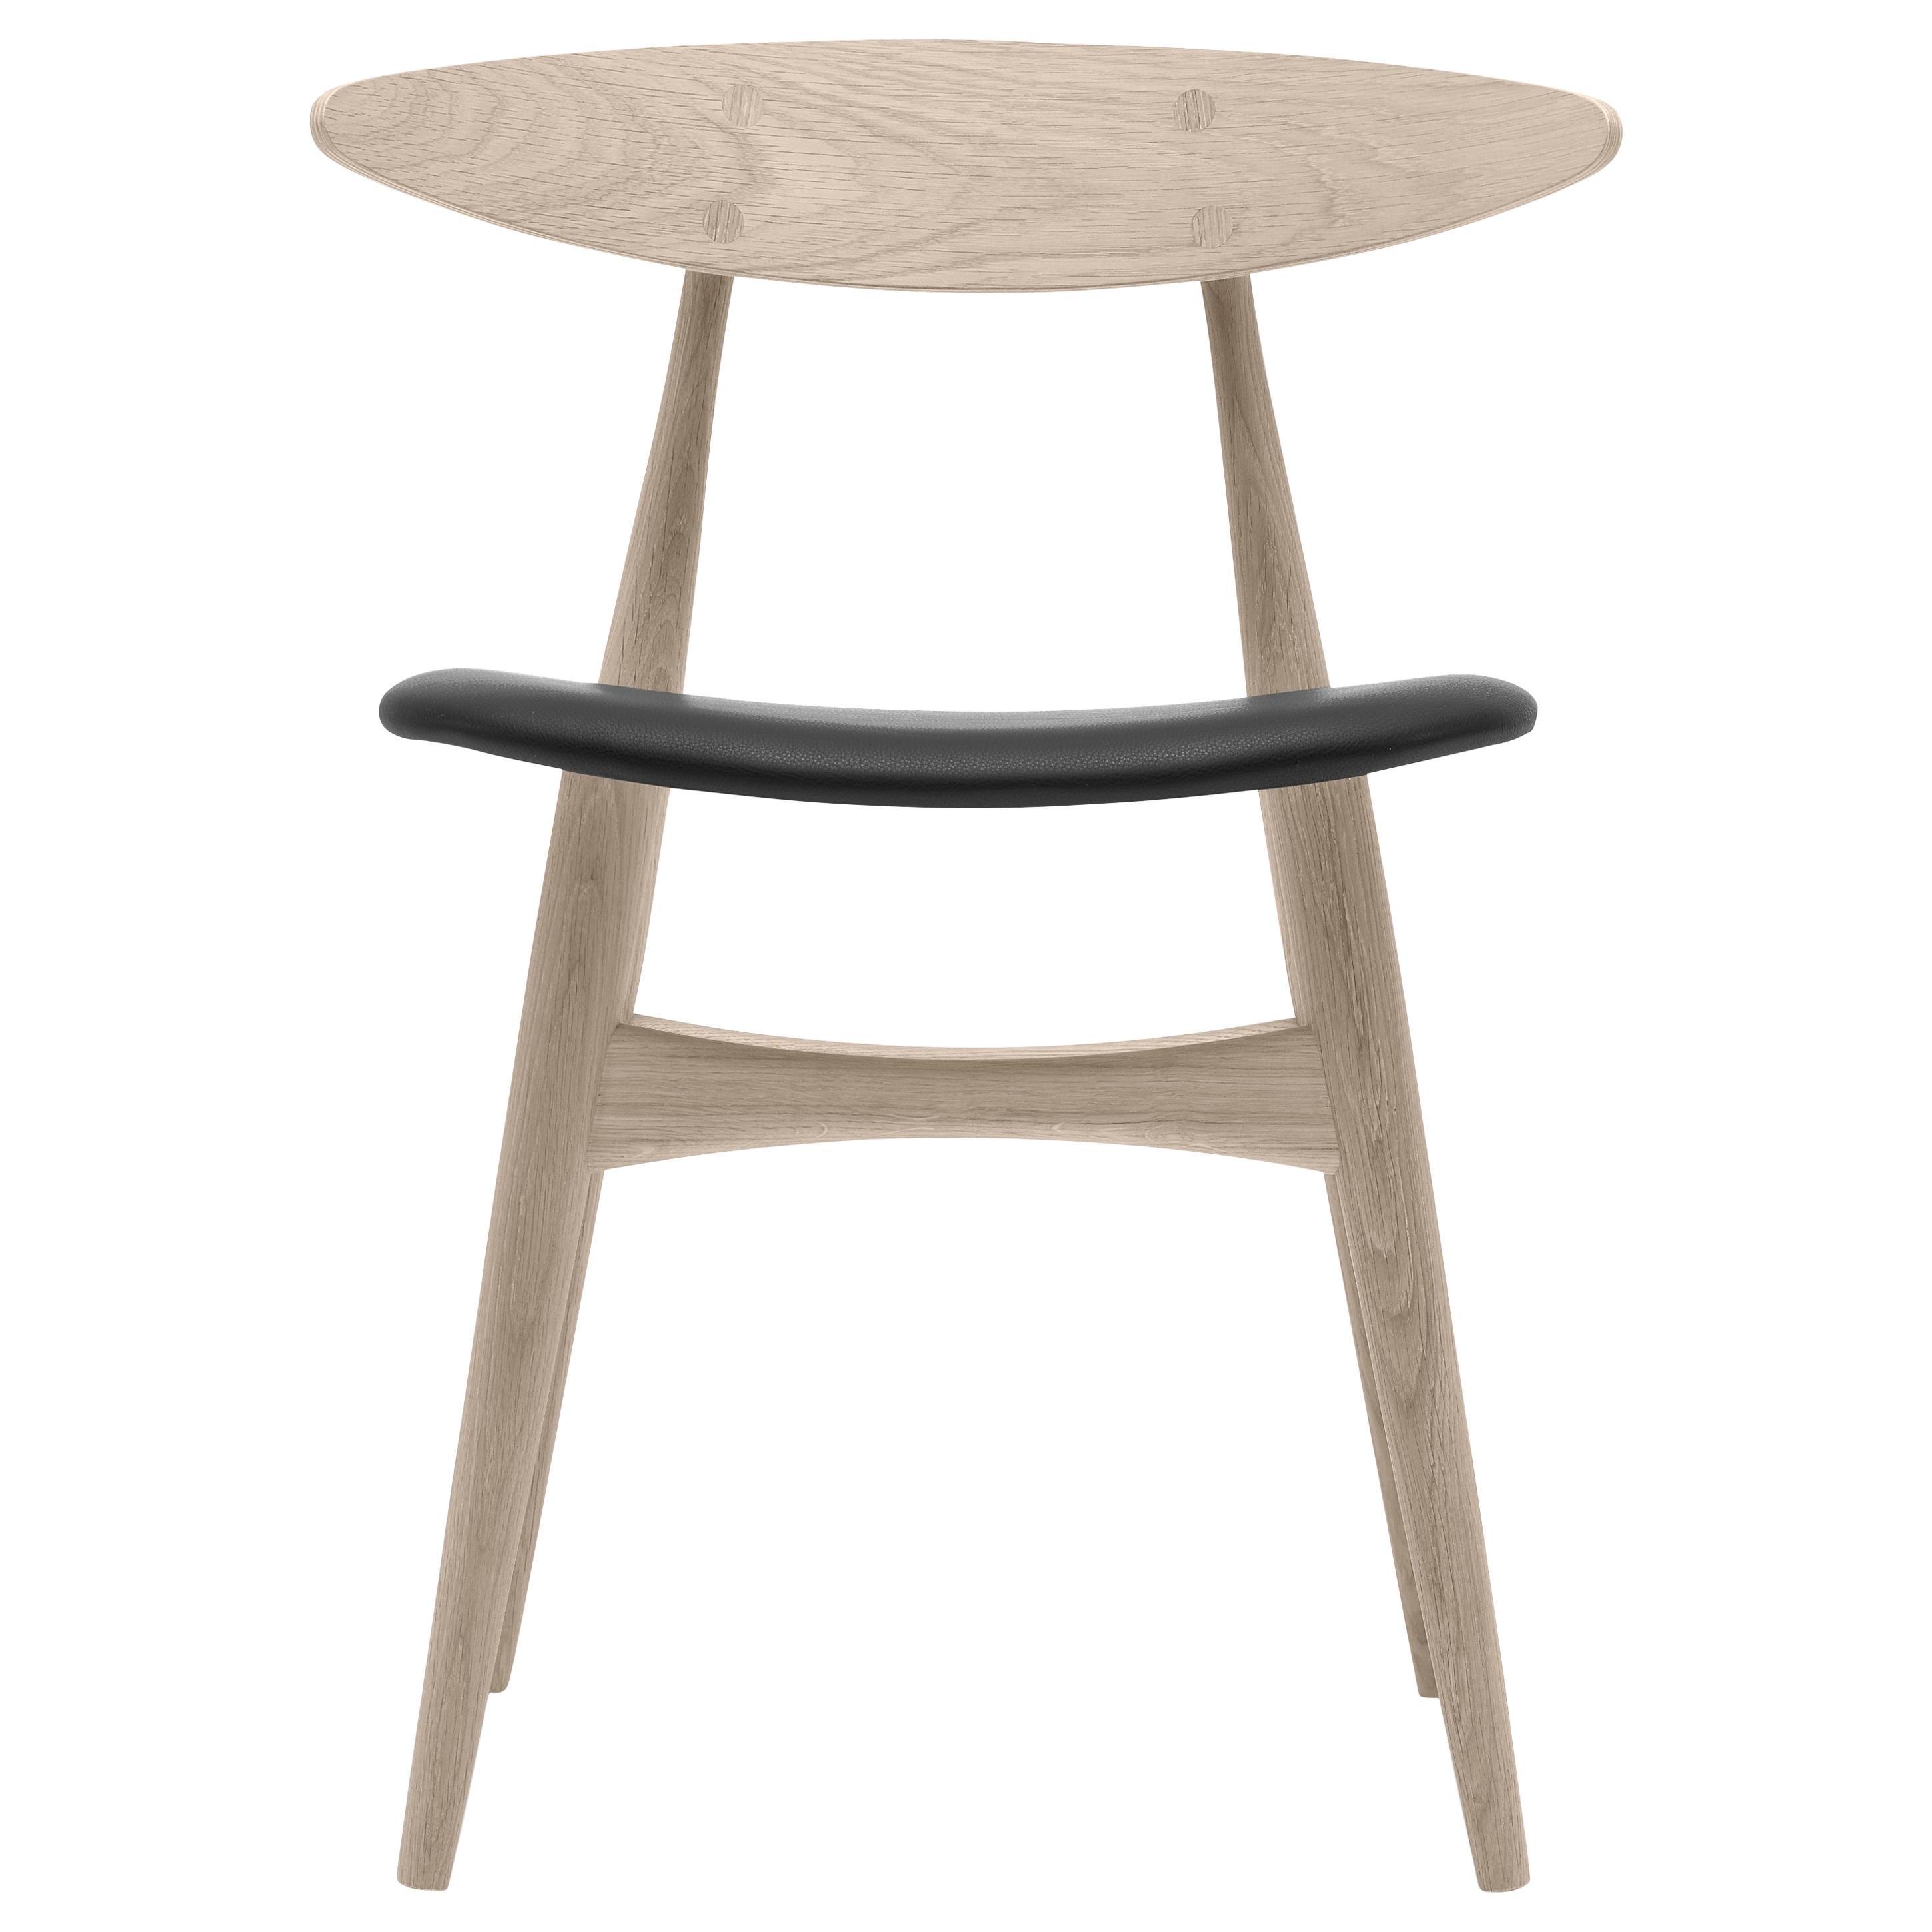 CH33P Dining Chair in Oak Soap by Hans J. Wegner